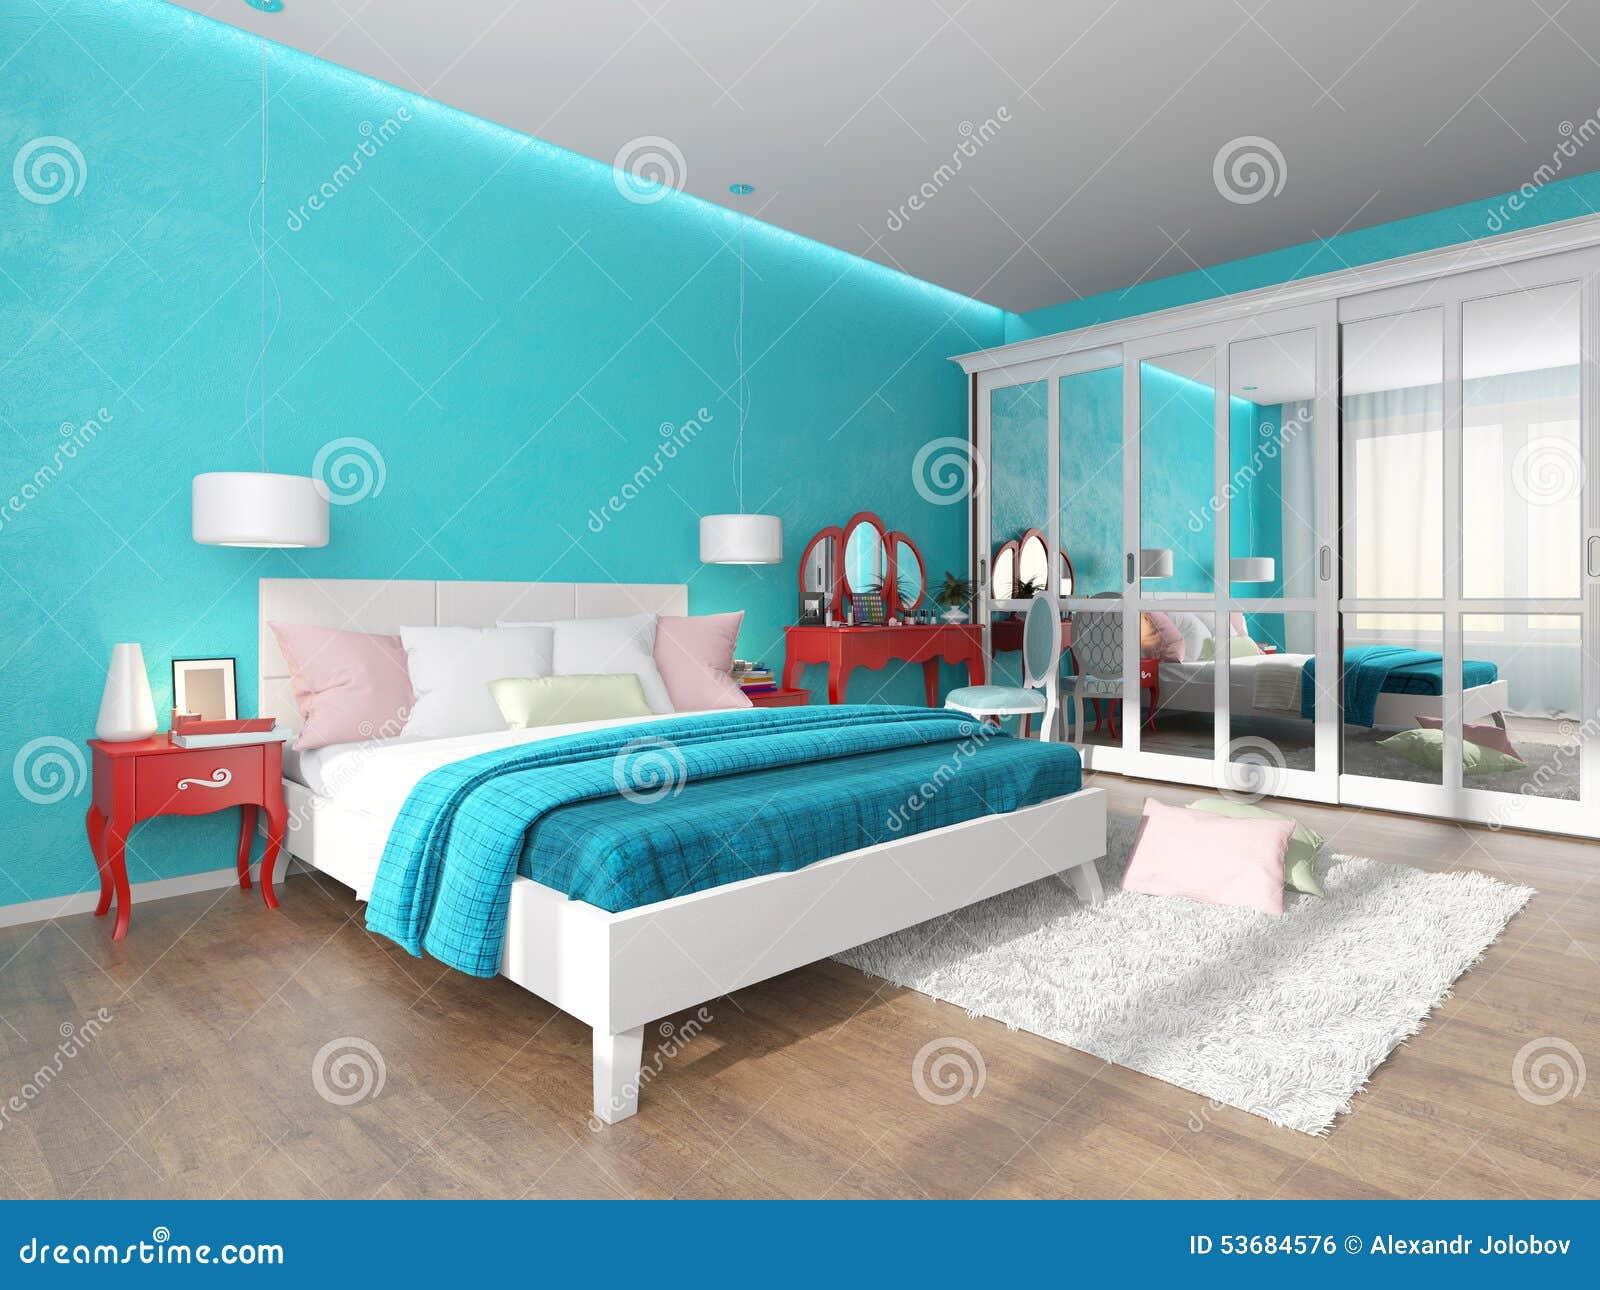 Camera Da Letto Parete Turchese : Illustrazione dell interno della camera da letto in un turchese